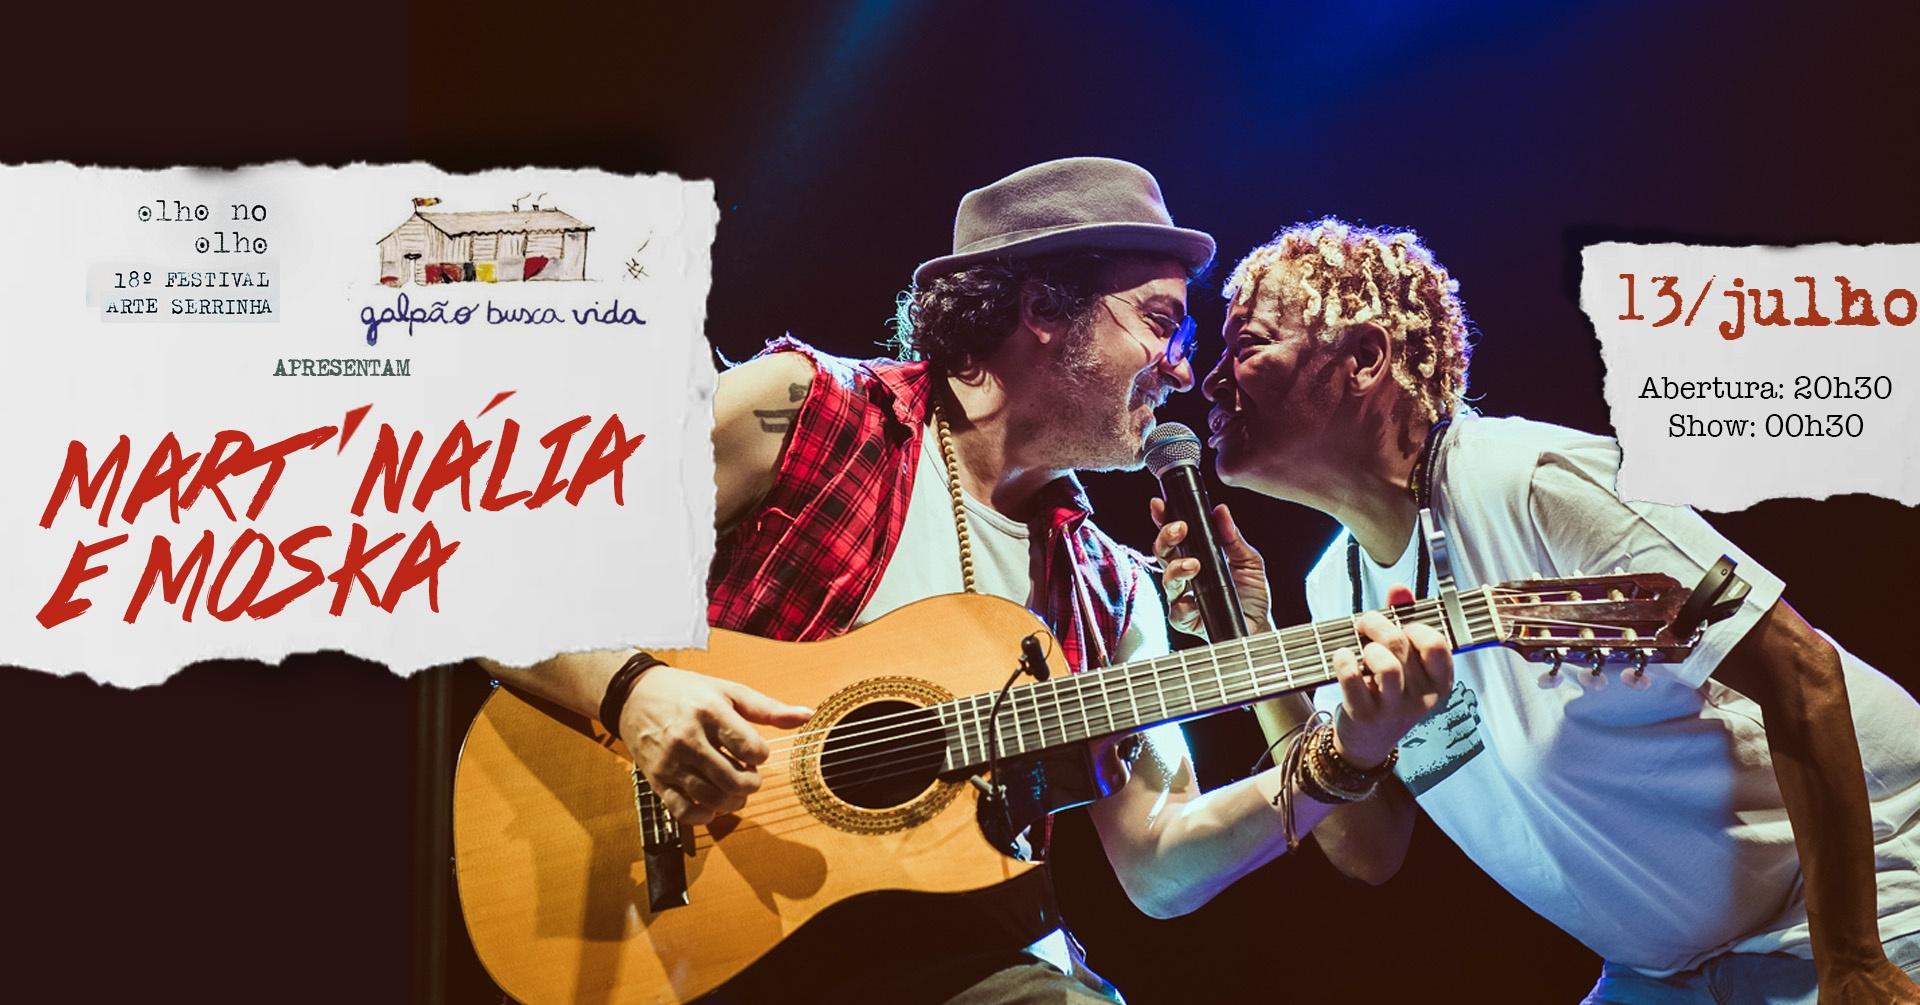 MUSICAS MARTINALIA BAIXAR DE